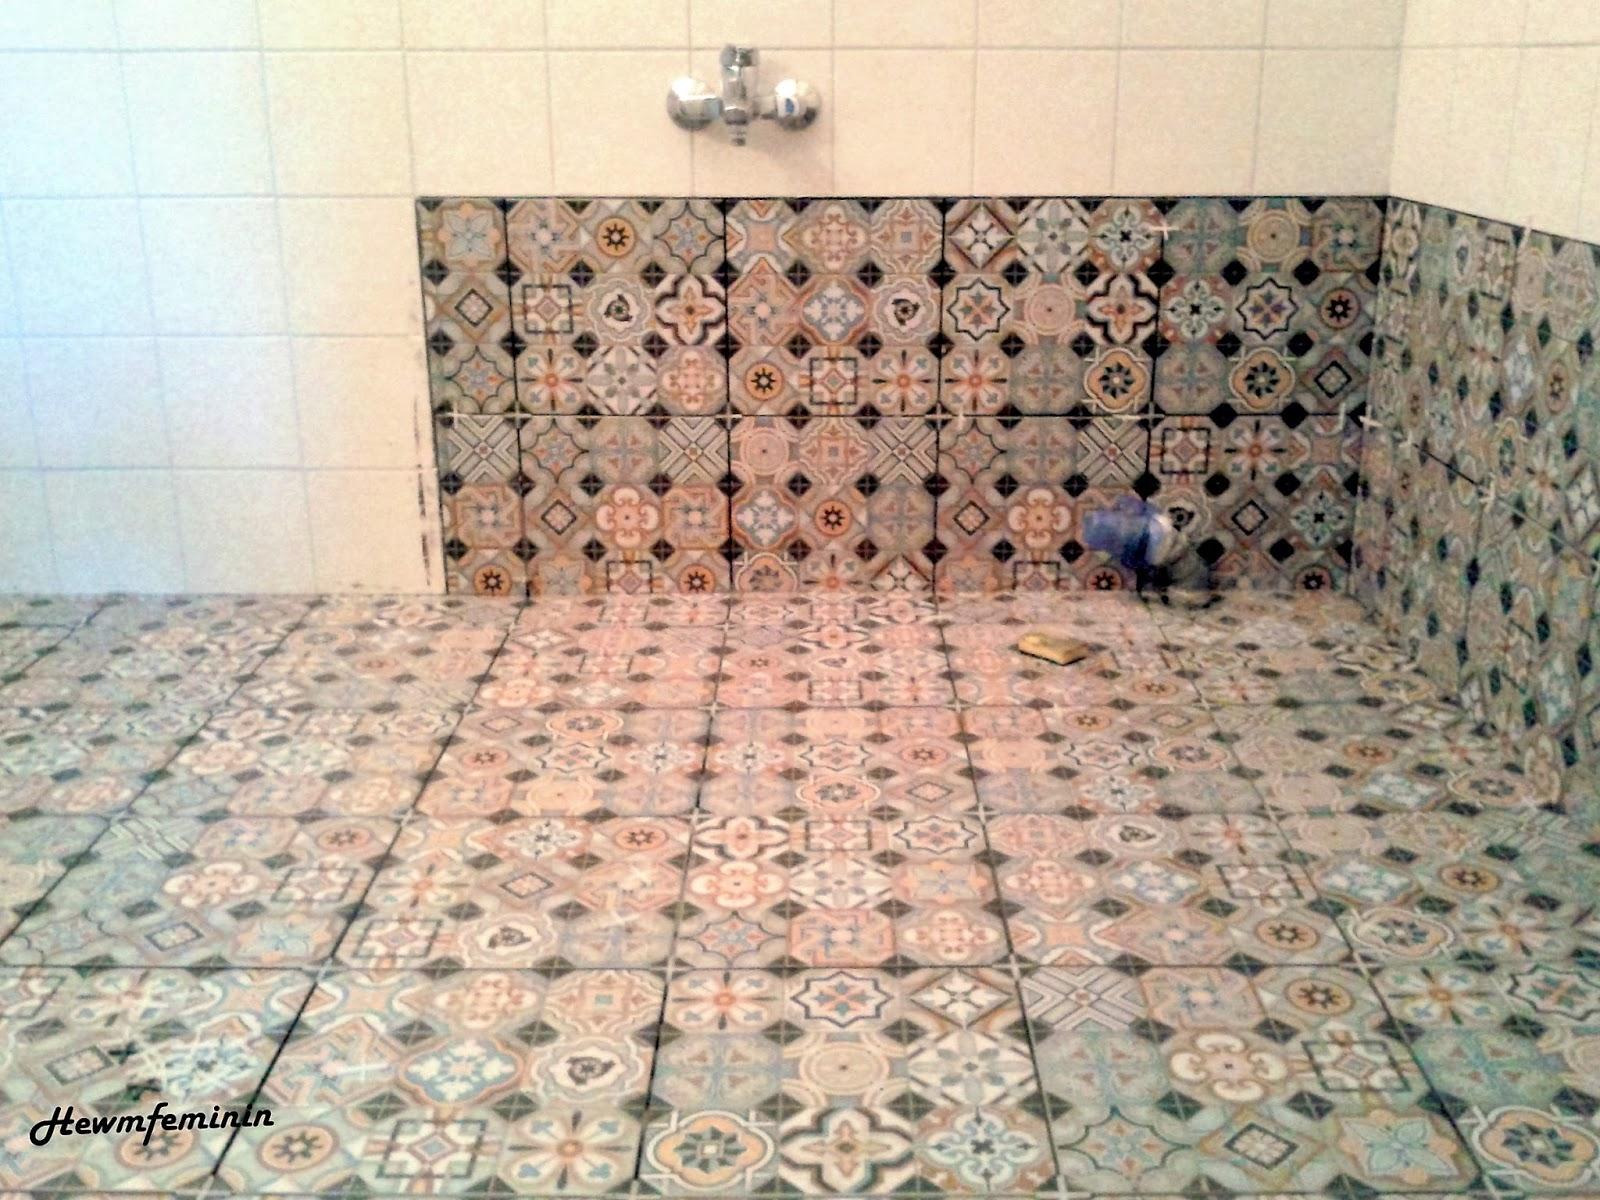 Hemfeminin: Felújítás 2. rész: A fürdőszoba